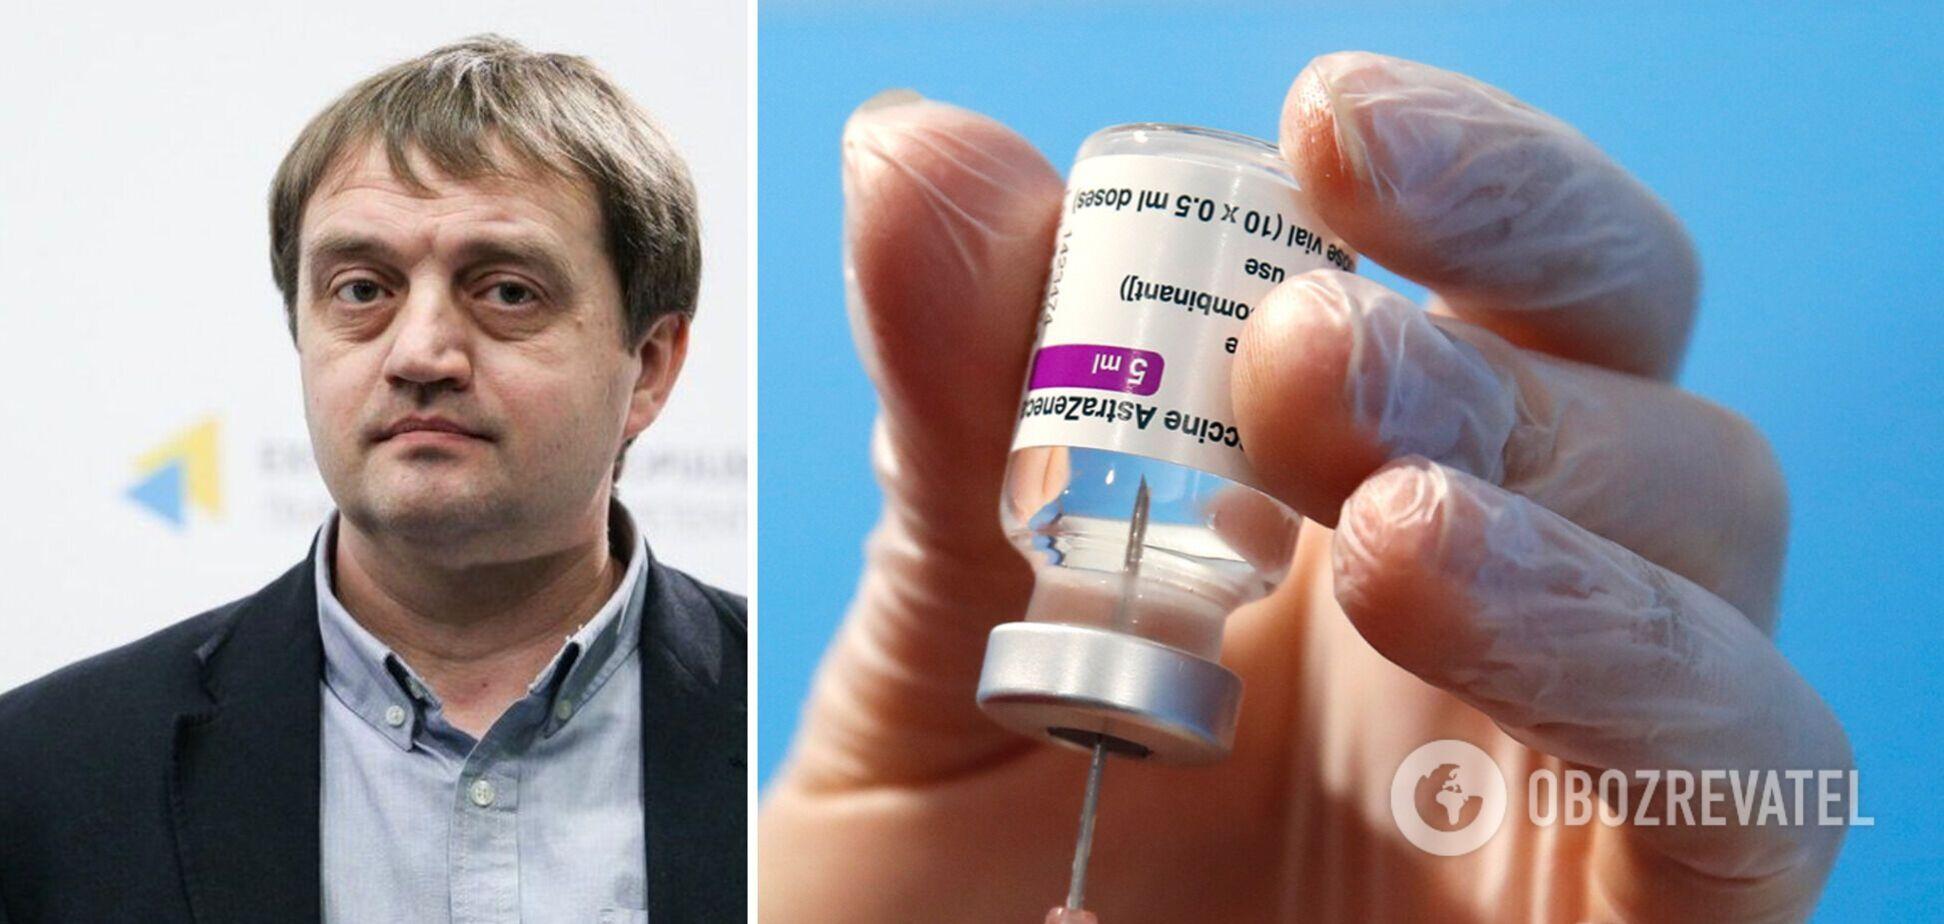 Иммунолог сказал, можно ли одному человеку прививаться вакцинами Covishield и SKBio